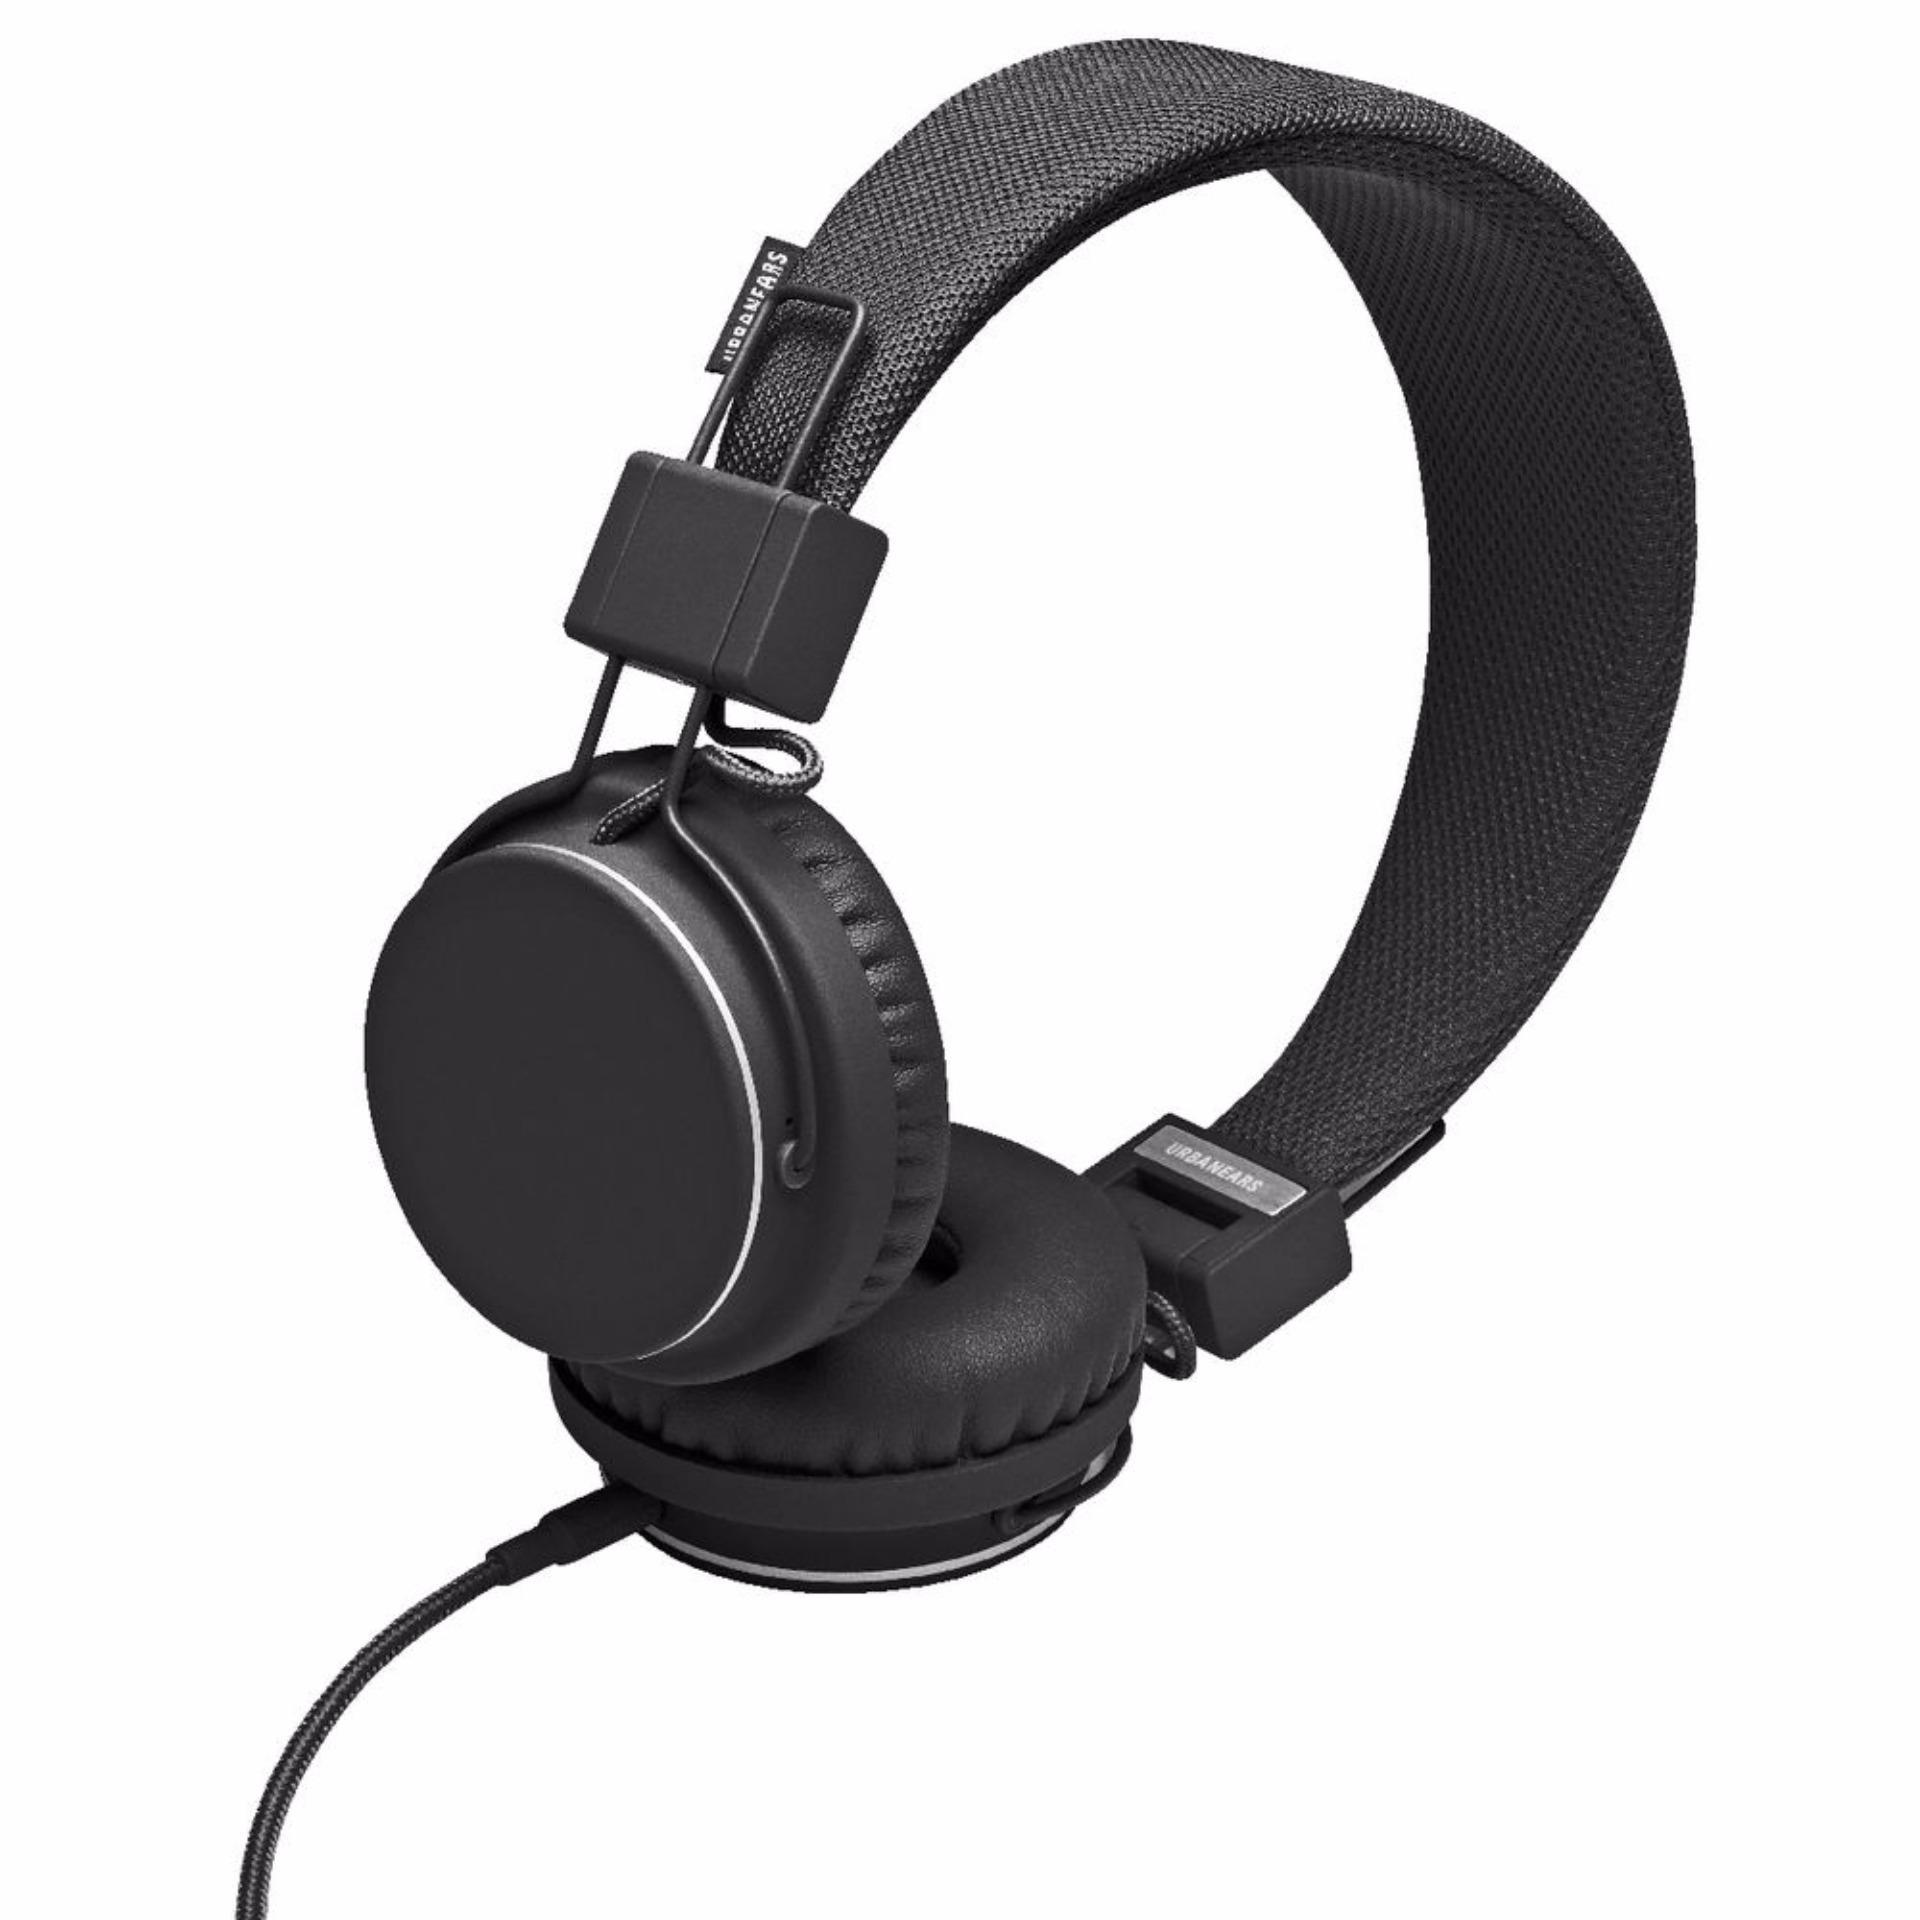 Spesifikasi Headphones Urbanears Humlan Plattan Dan Harga